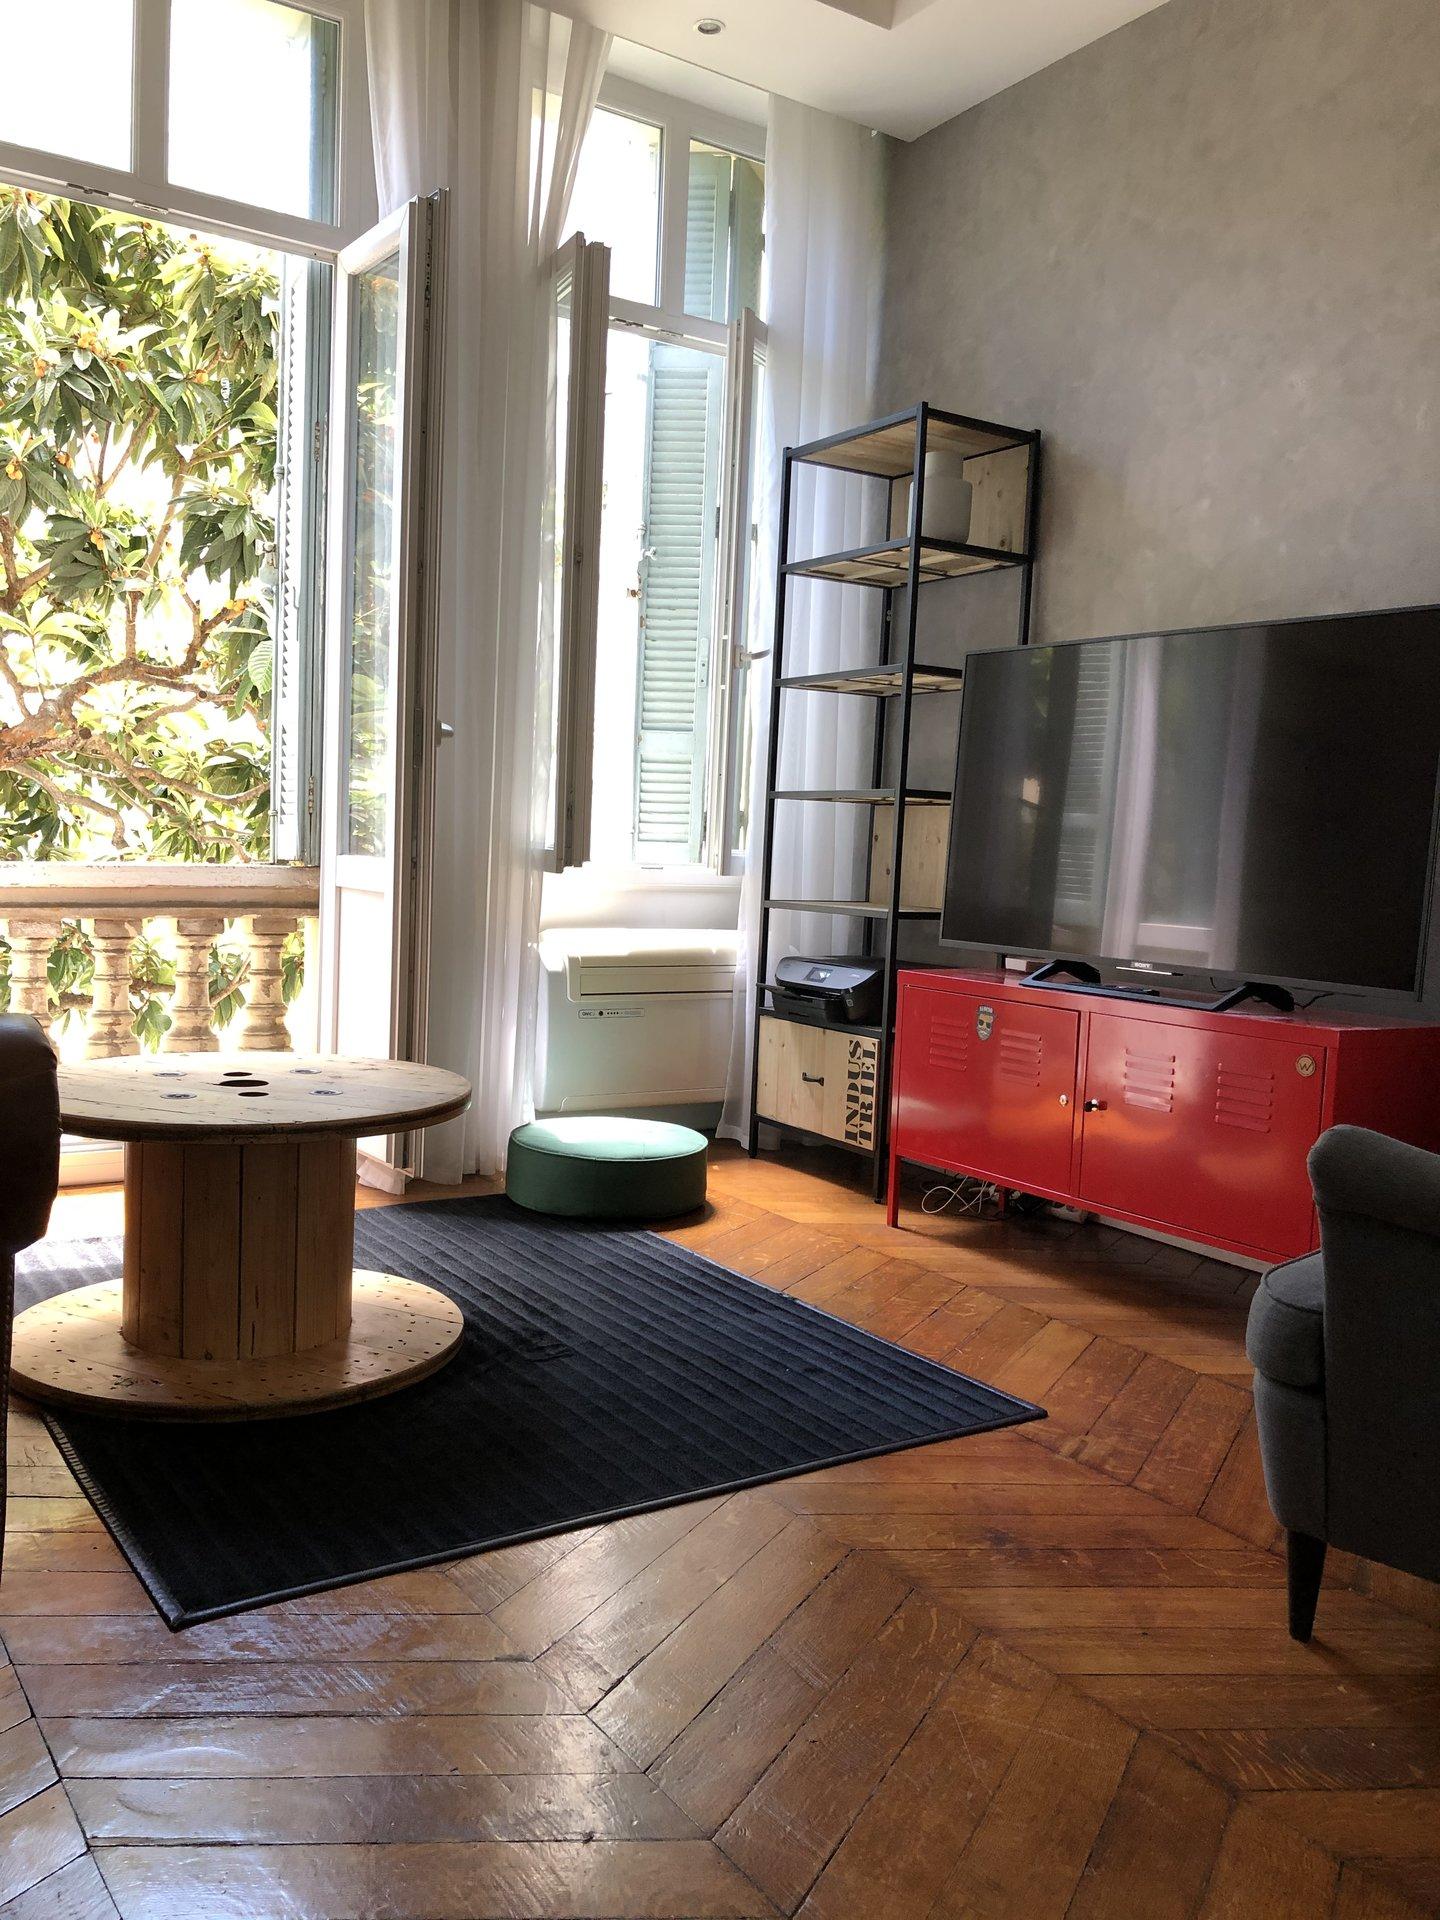 2 pièces meublé - Centre ville